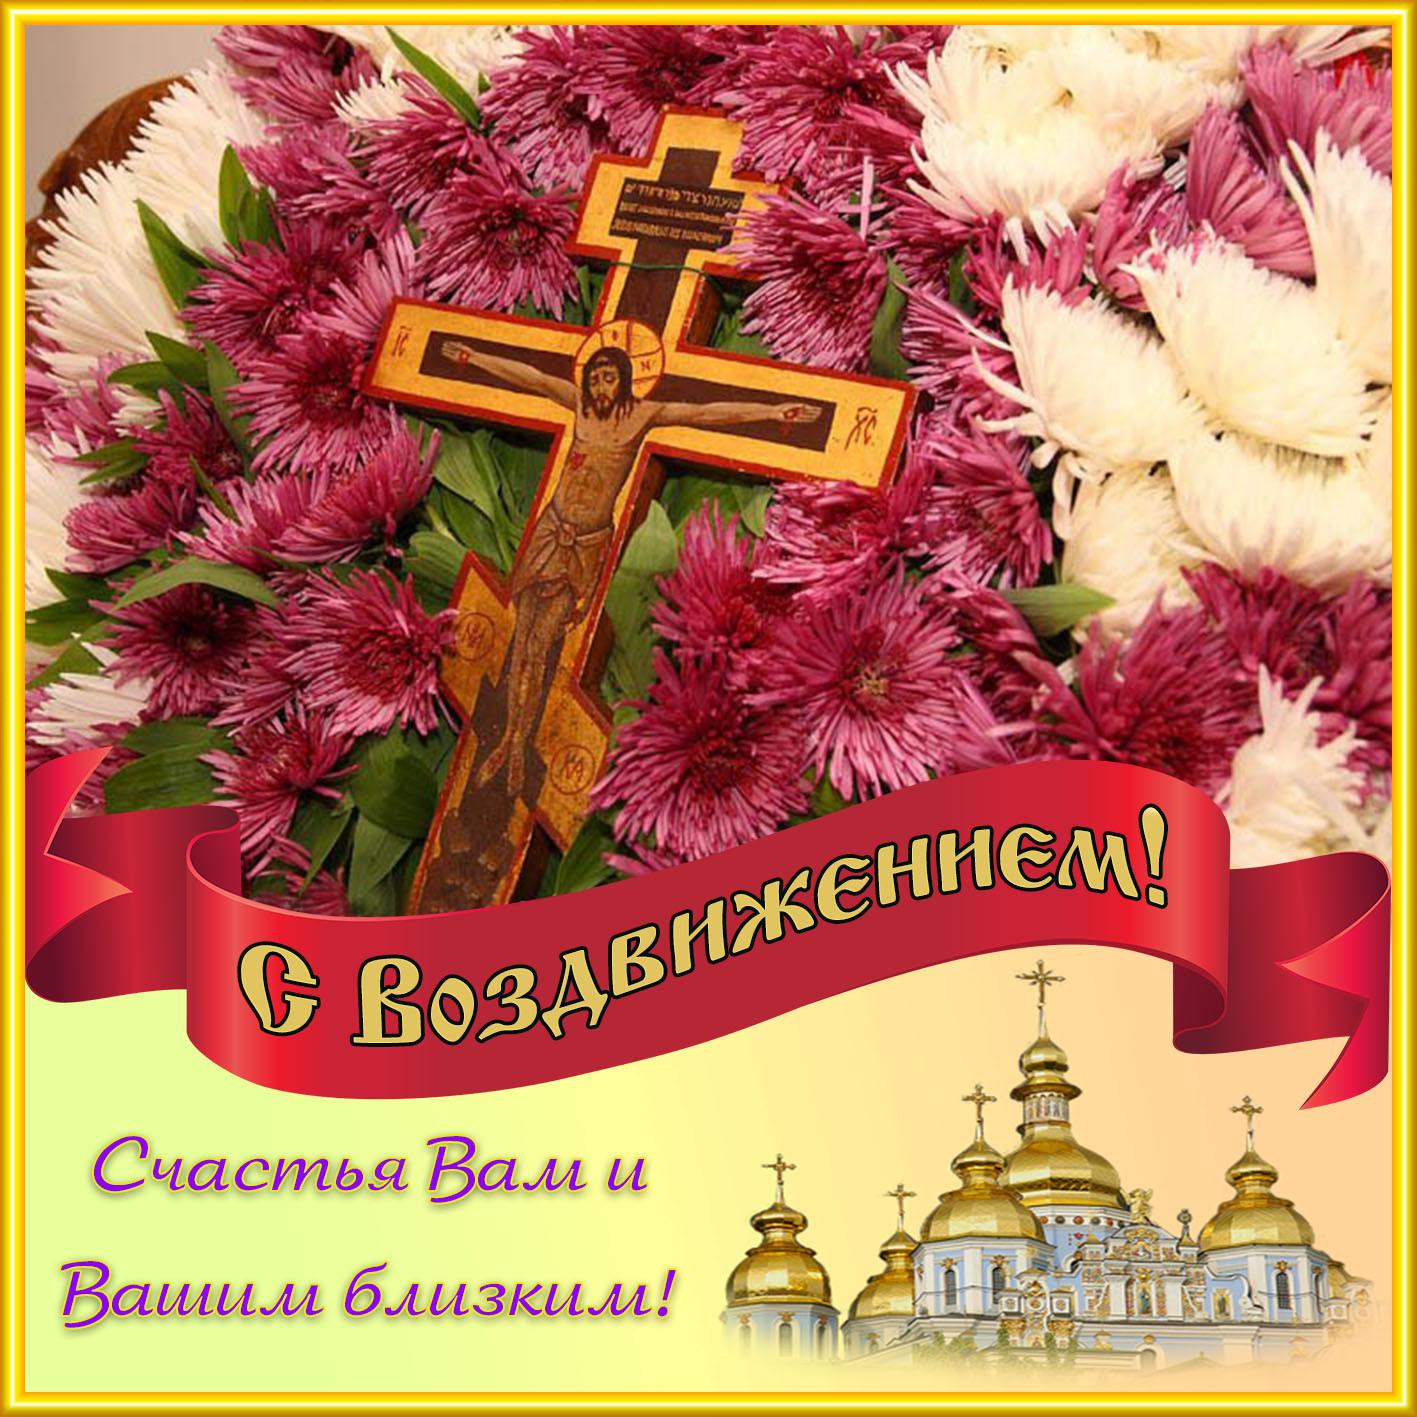 Праздник сегодня церковный открытки воздвижение, сильному мужчине